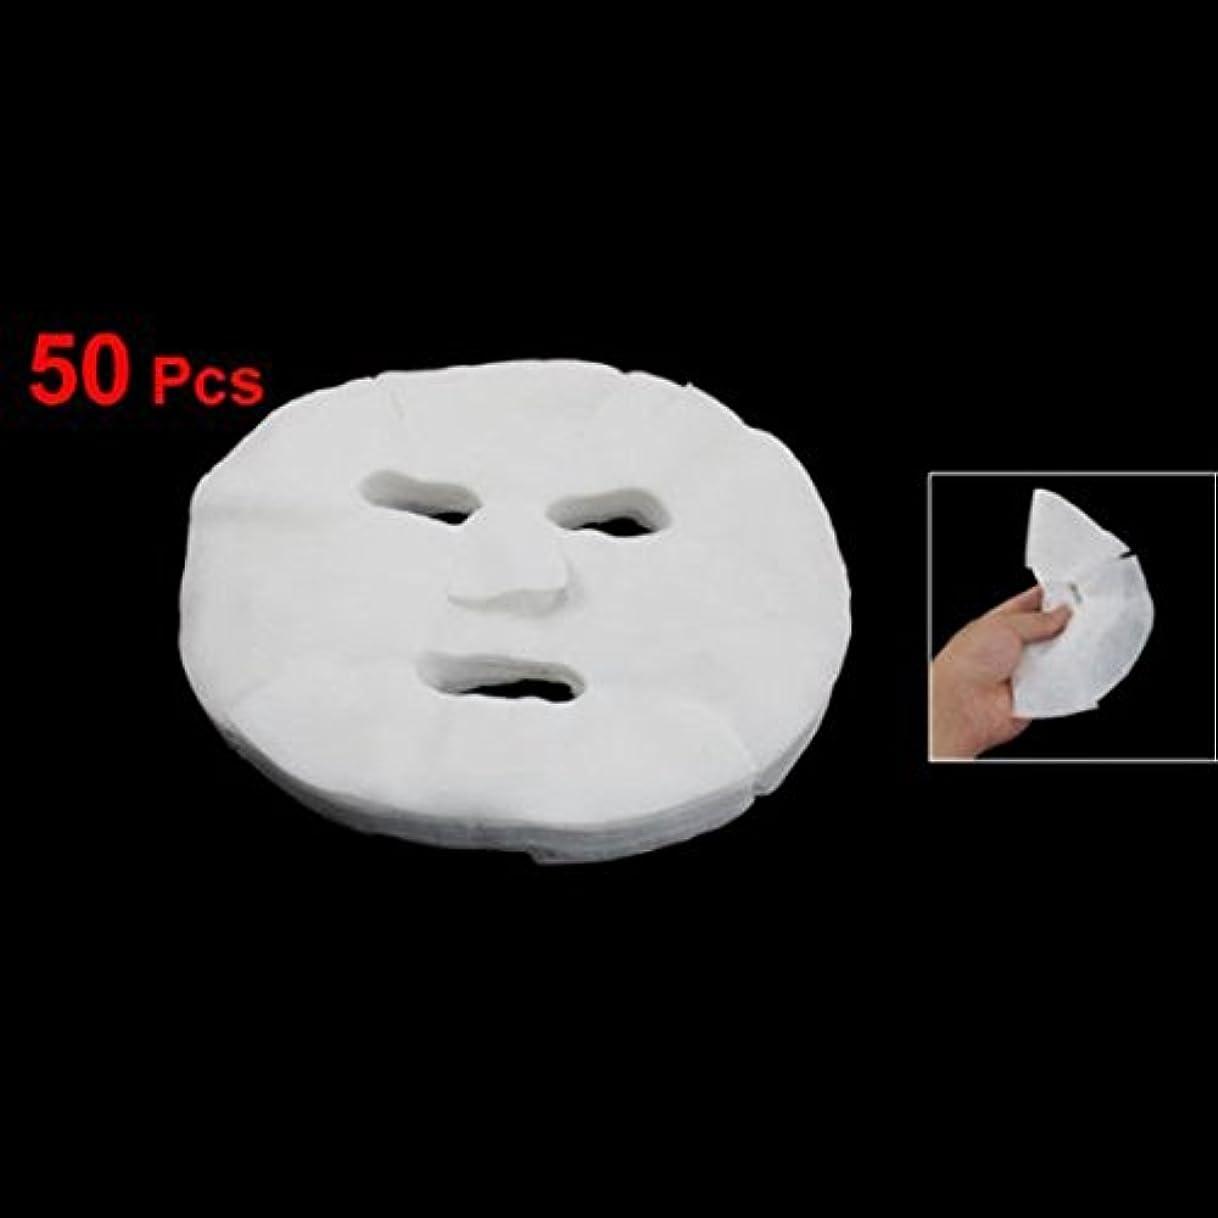 申込みベッドを作るアサーACAMPTAR ACAMPTAR(R)50pcs女性の化粧品拡大コットンフェイシャルマスクシート